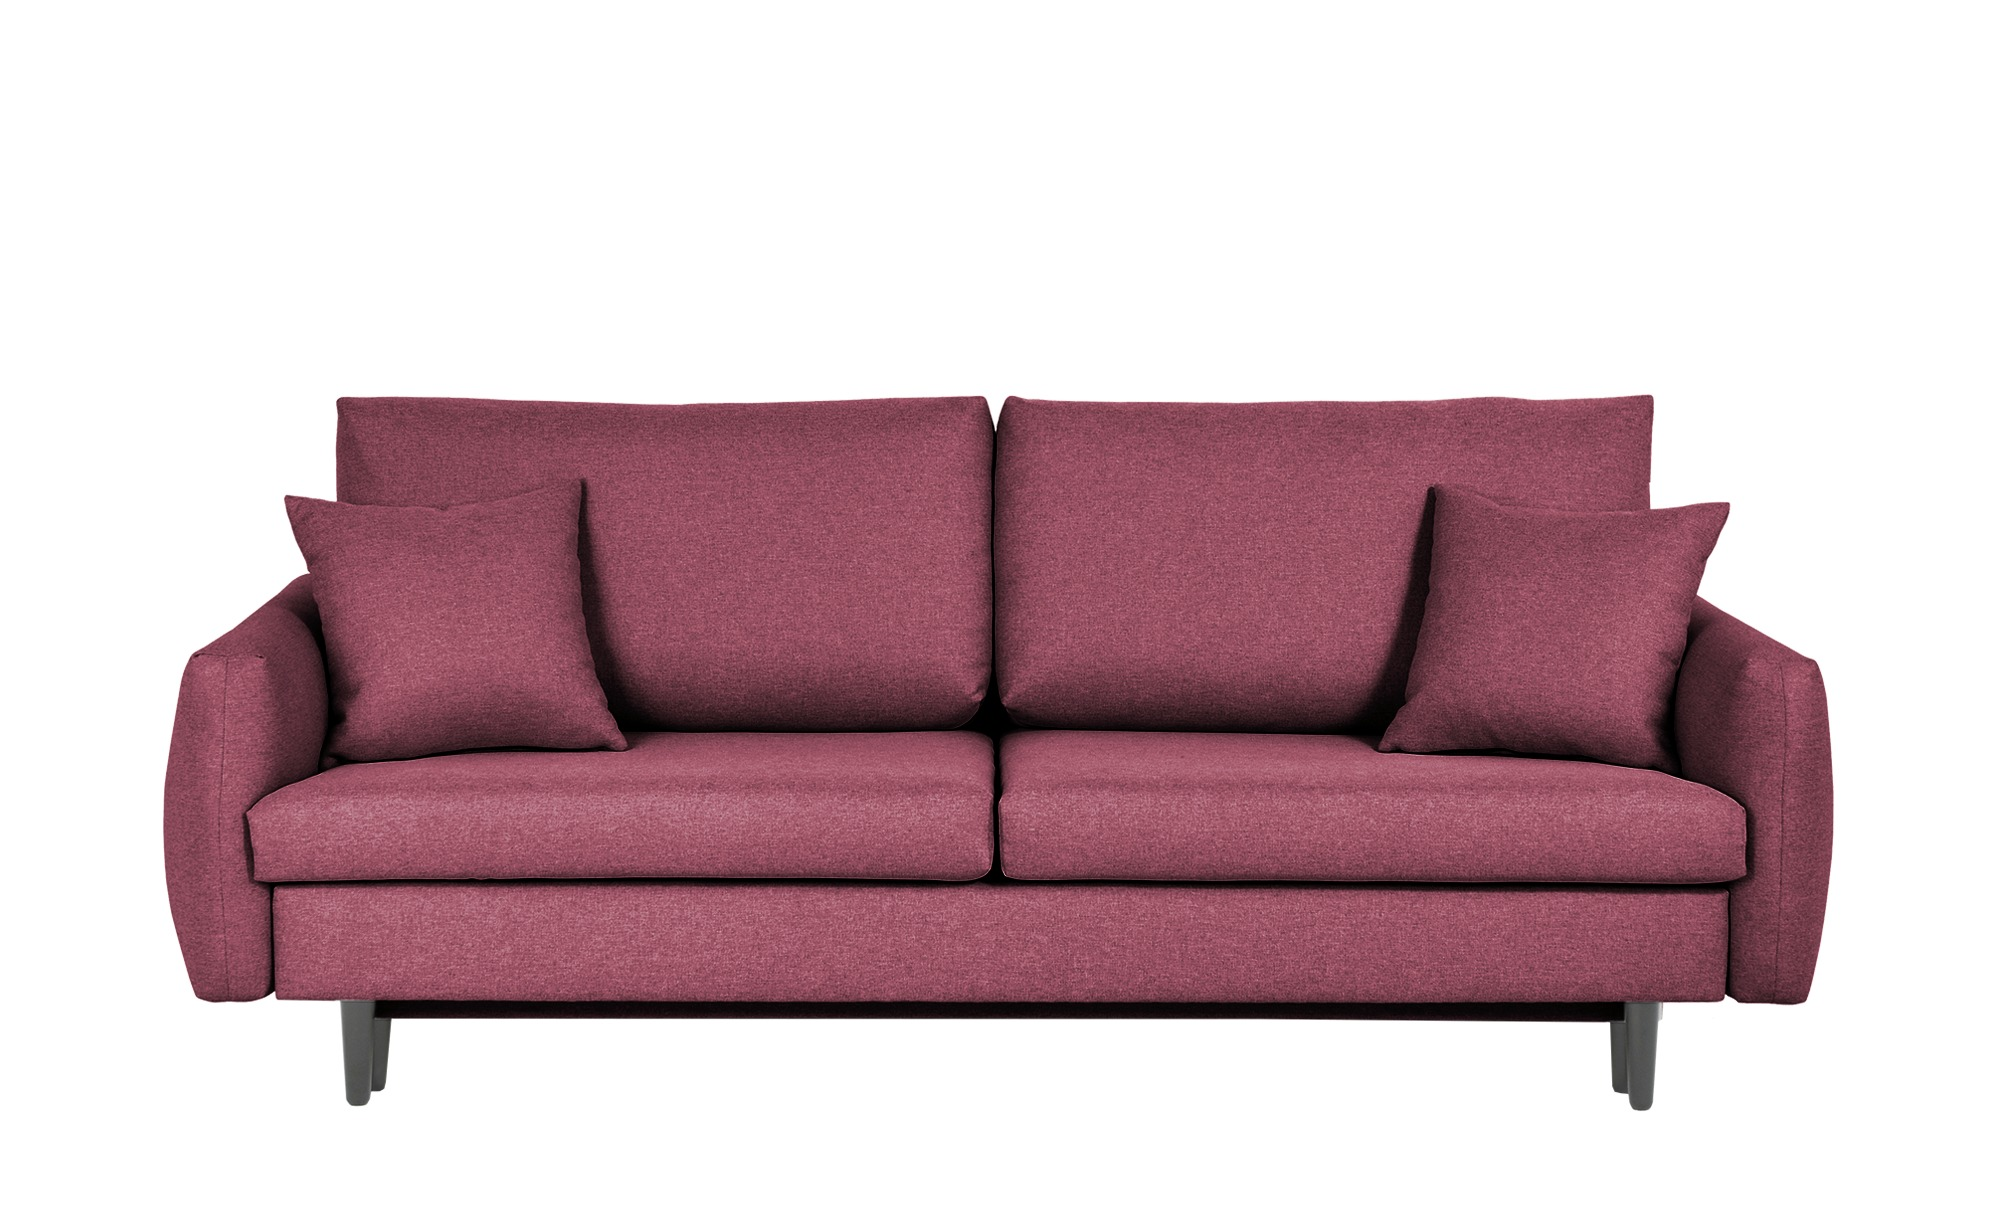 Schlafsofa  Noami ¦ rot Polstermöbel > Sofas > 3-Sitzer - Höffner günstig online kaufen